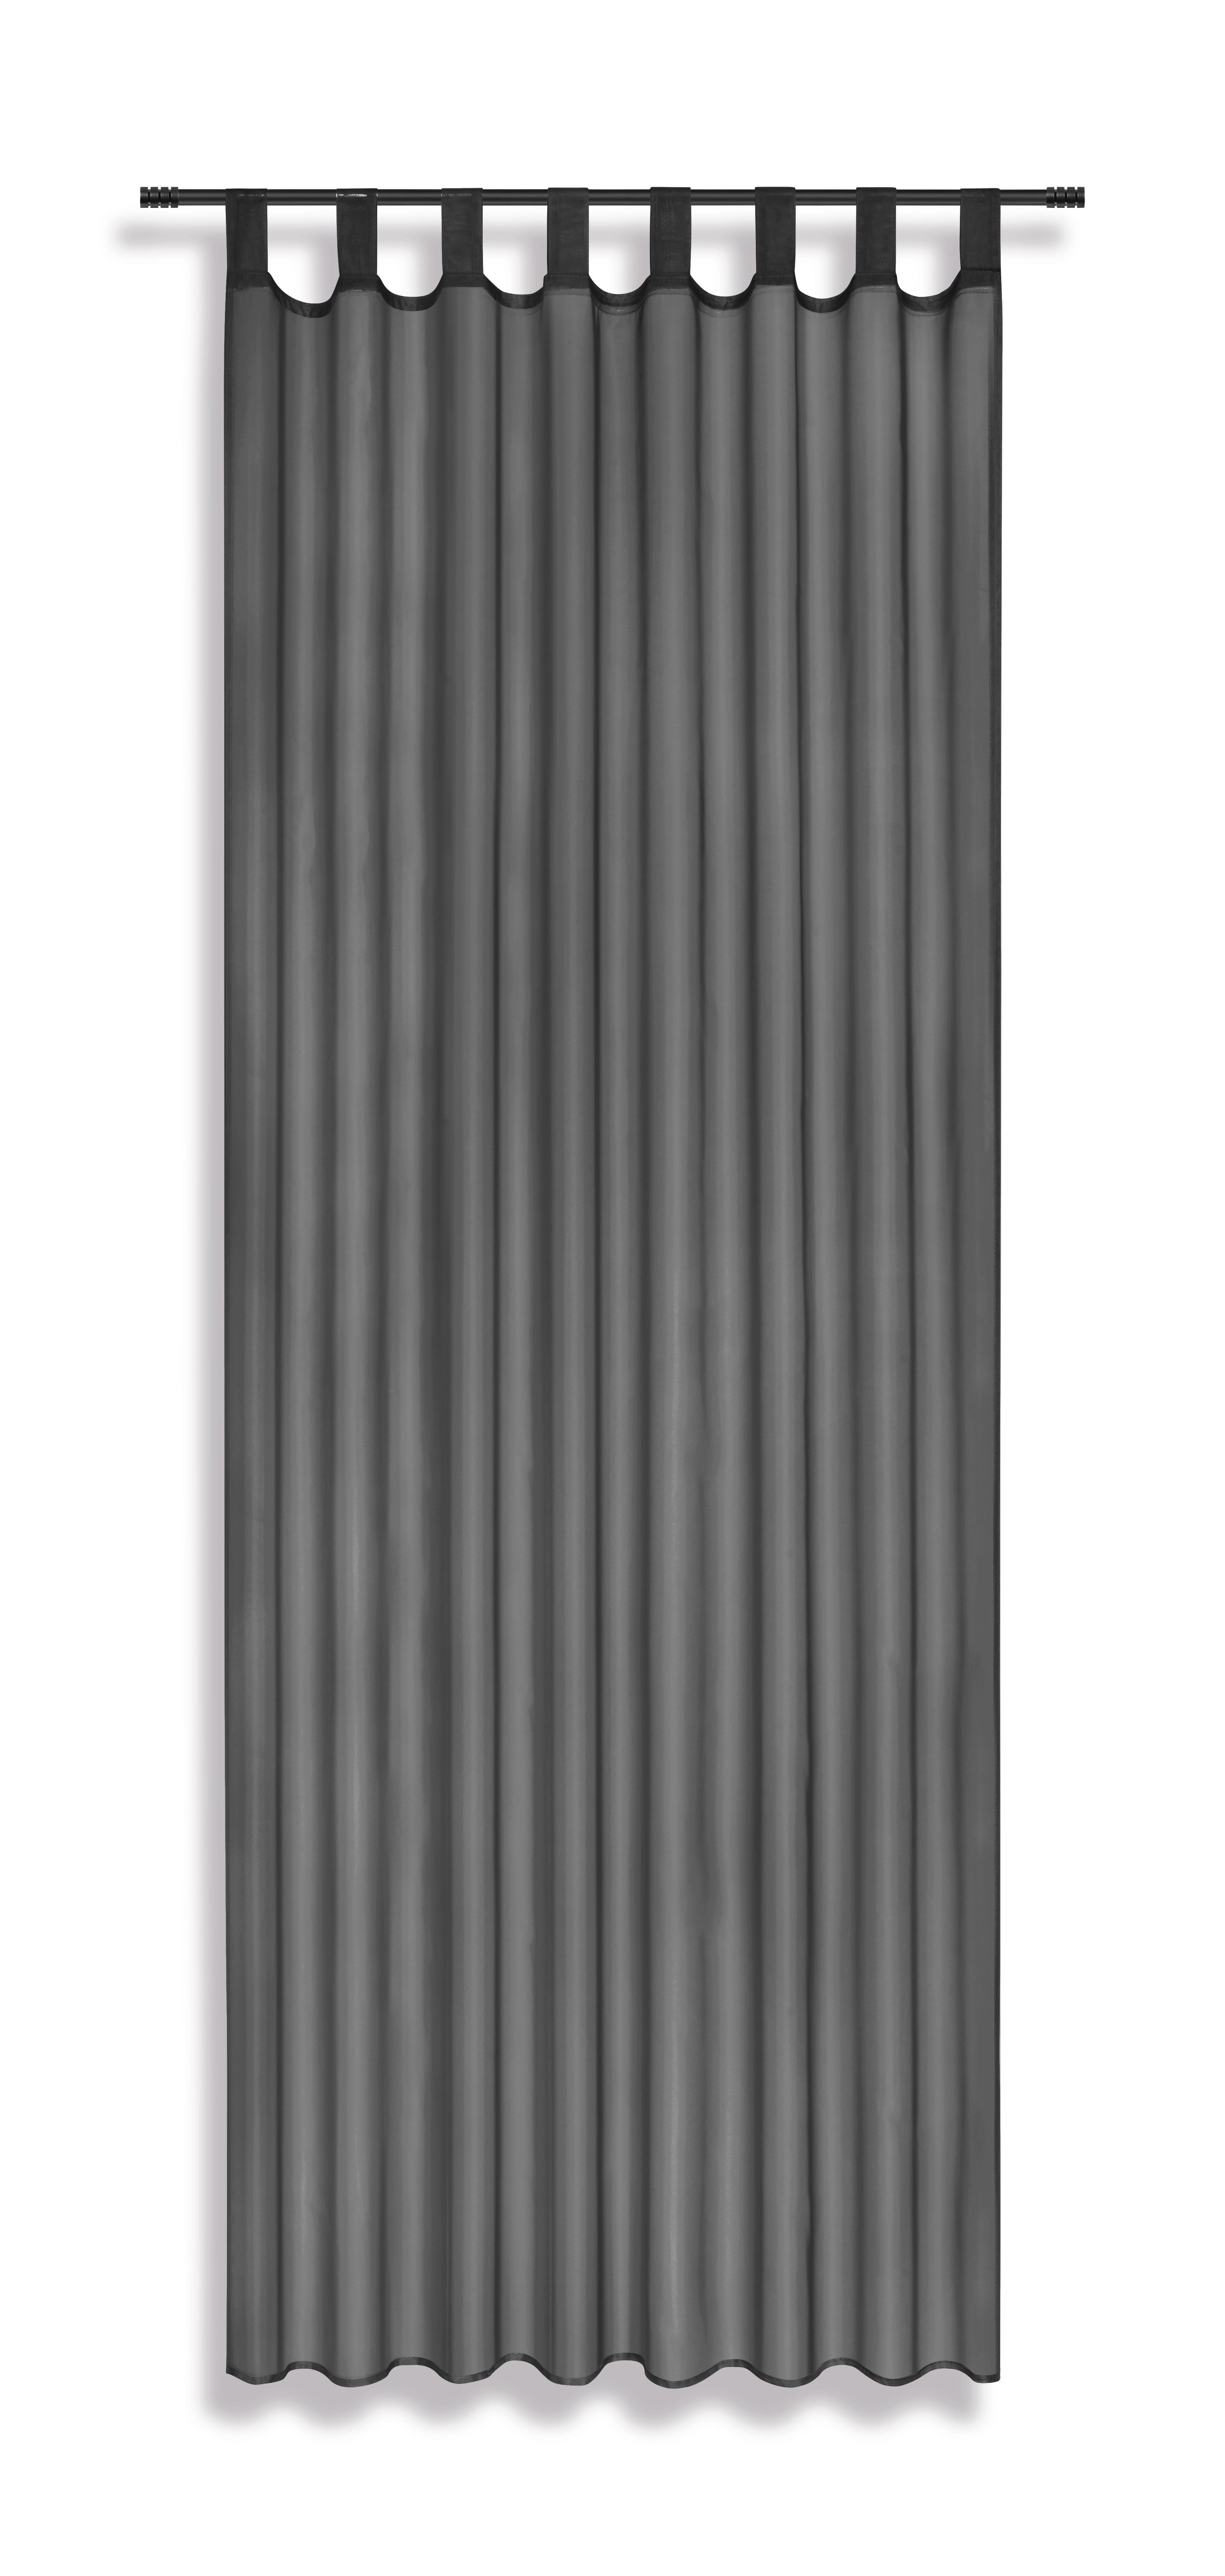 Schlaufenvorhang dunkelgrau